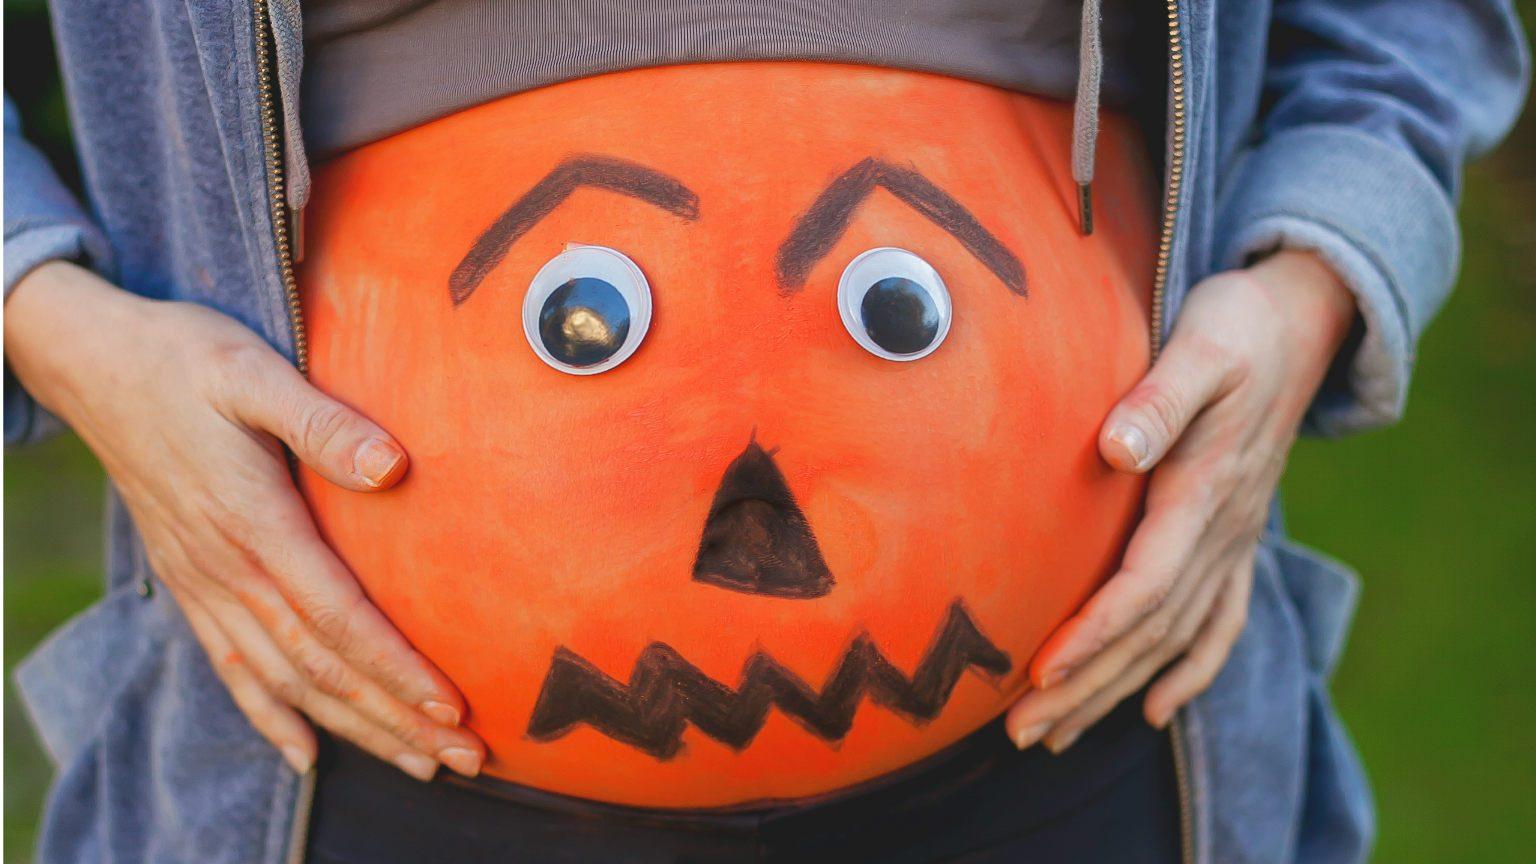 Baby bump in Halloween costume